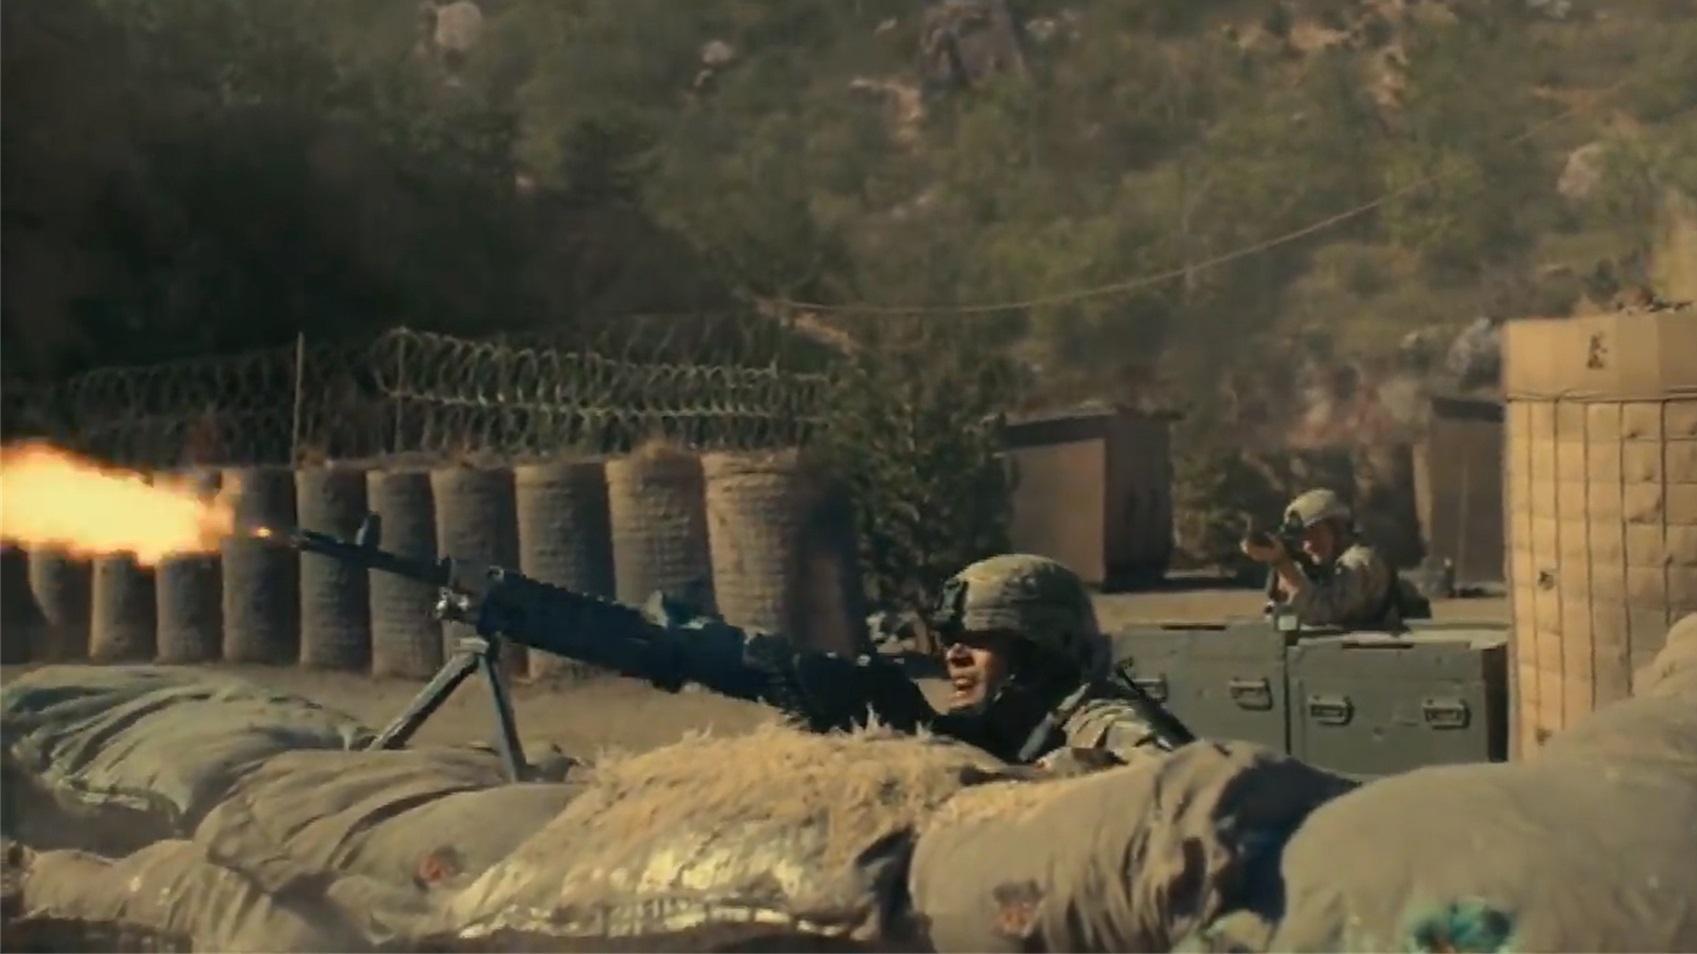 这才是真实的阿富汗战争片,美军士兵穿着裤衩,运送弹药